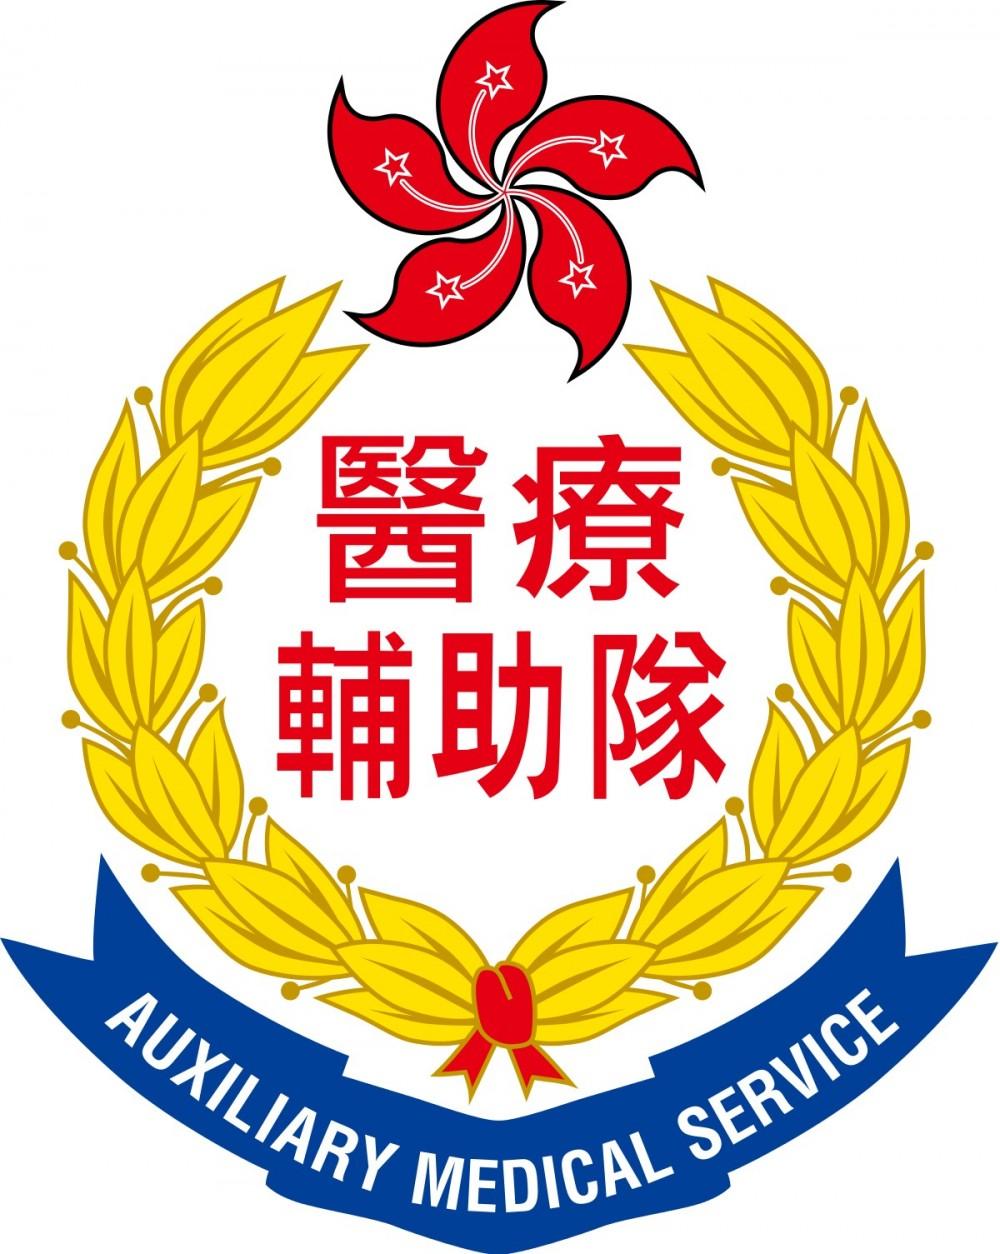 醫療輔助隊成立於1950年,由一班公私營醫療界別工作的醫療專業人員志願組成。